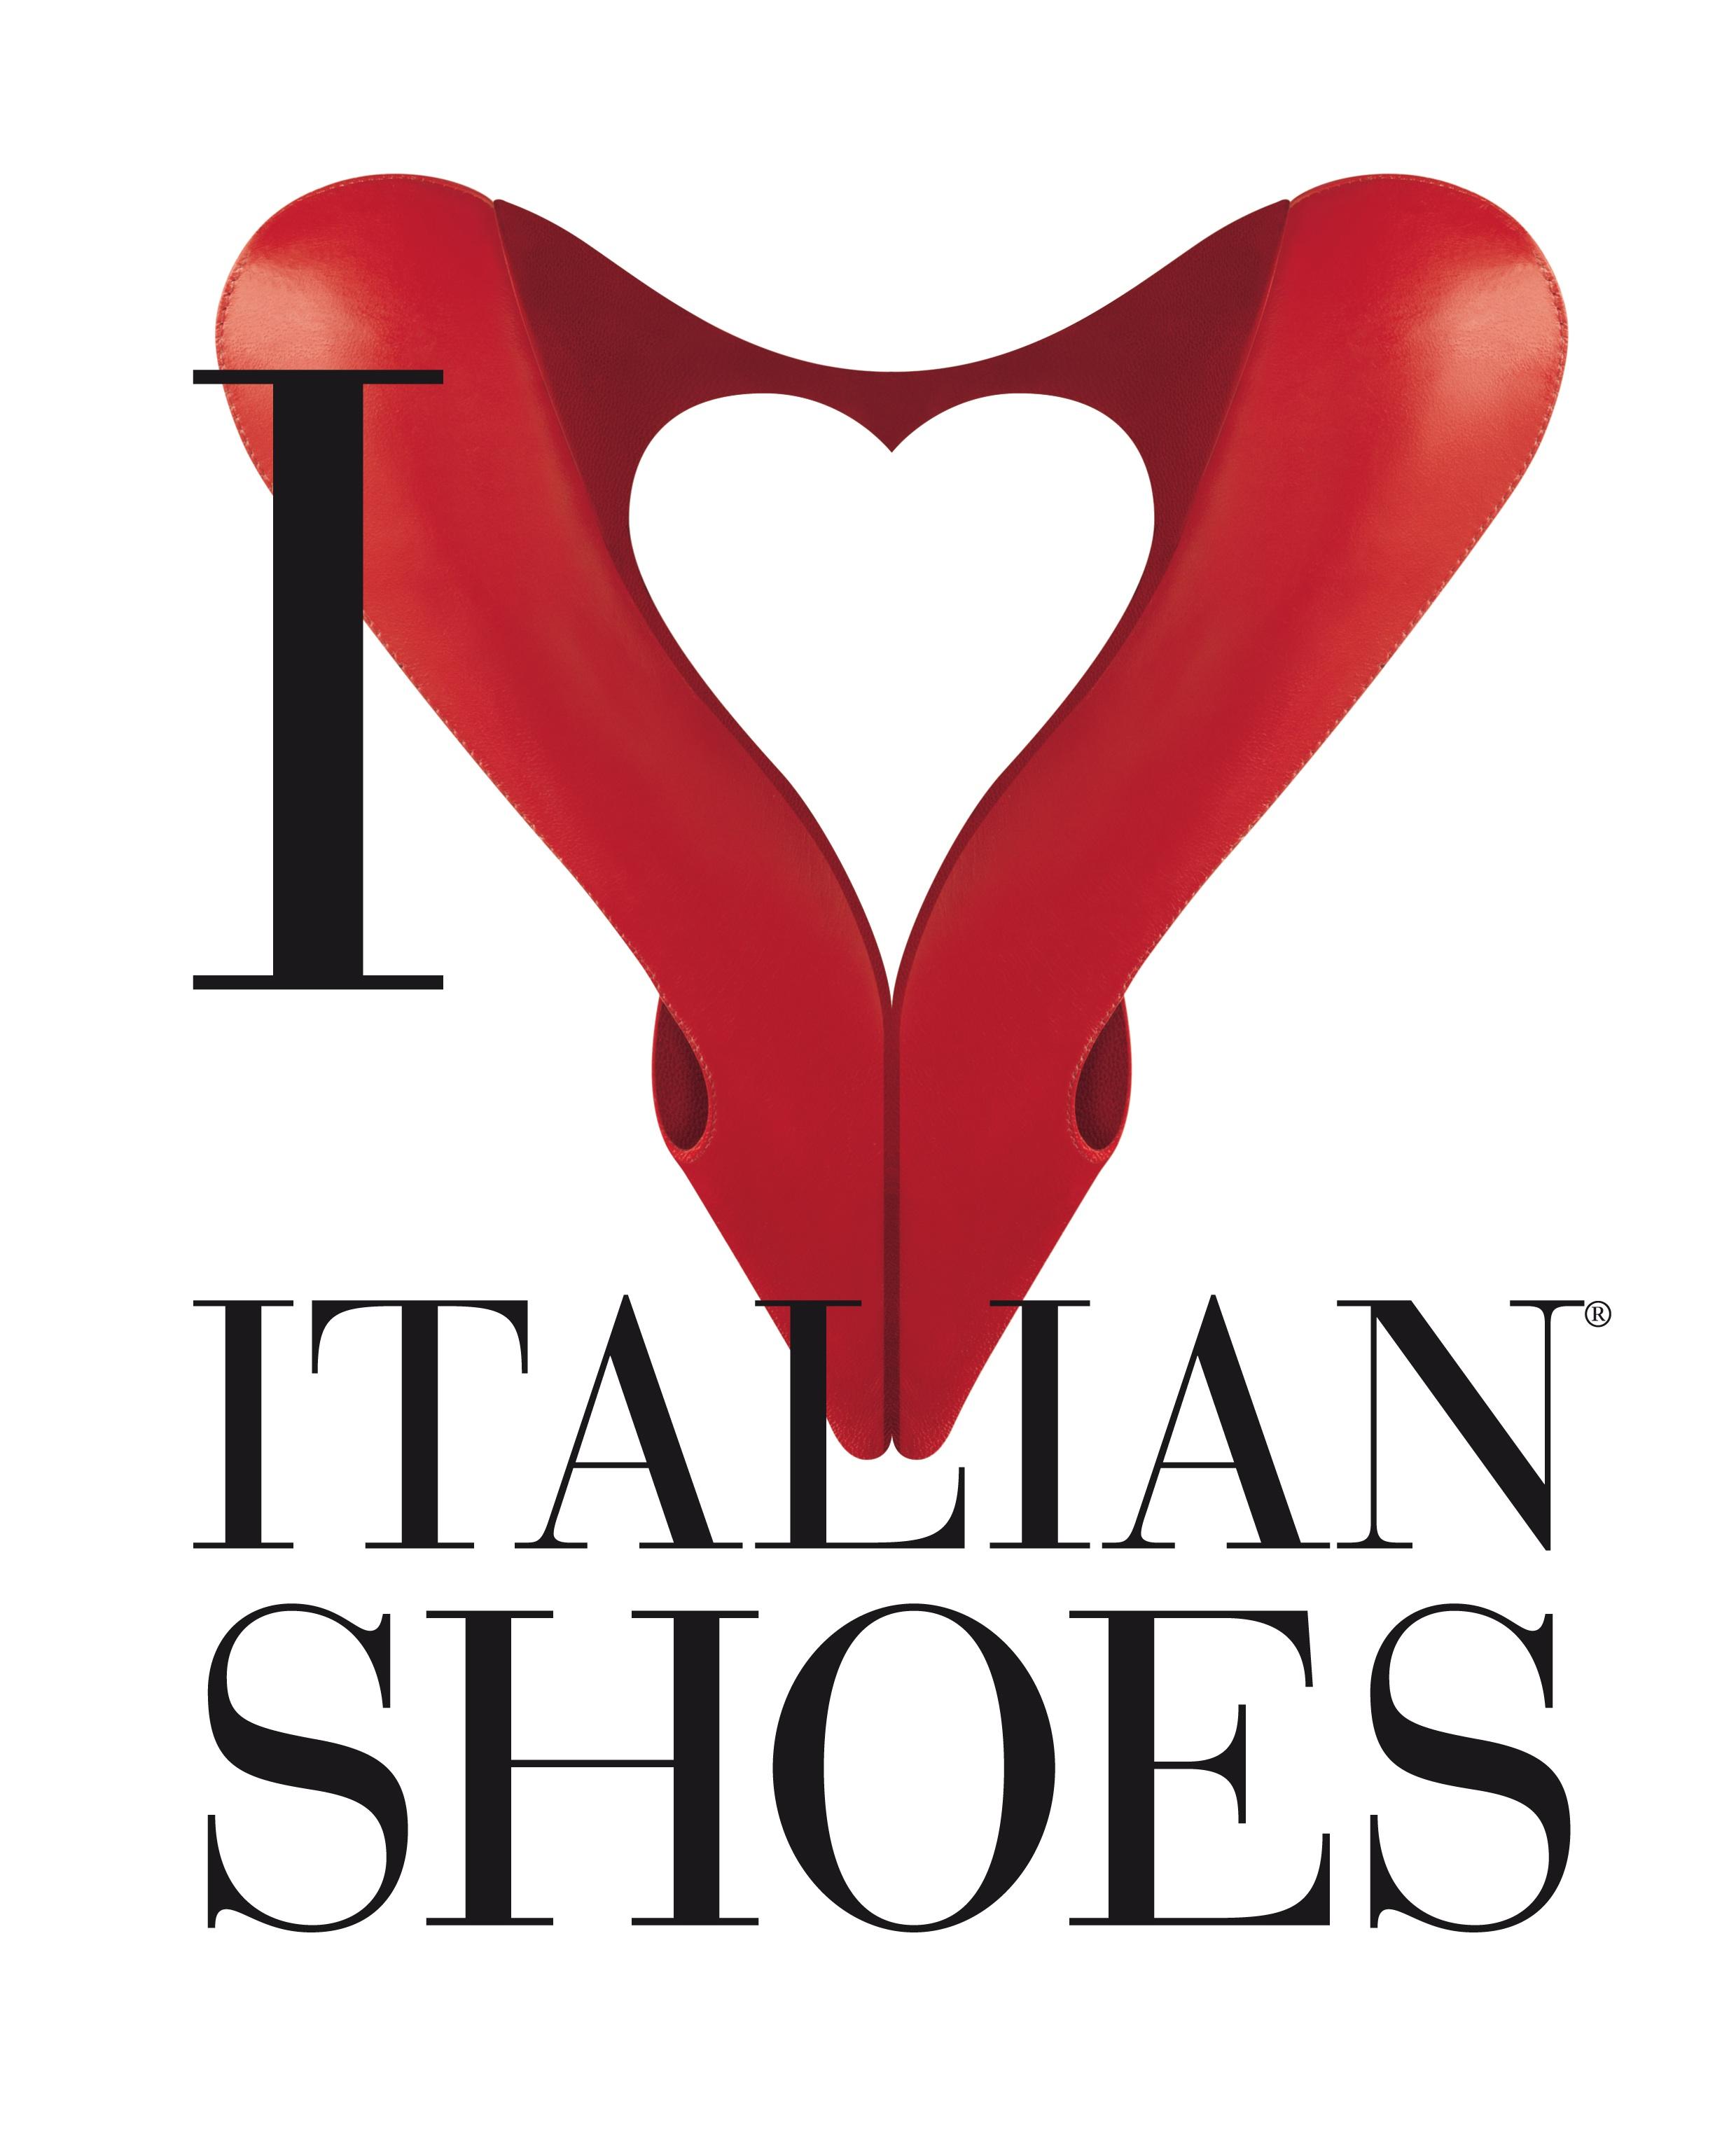 promo code a8aa0 f1b6b Scarpe lusso: il made in Italy continua a regnare - Scarpe ...